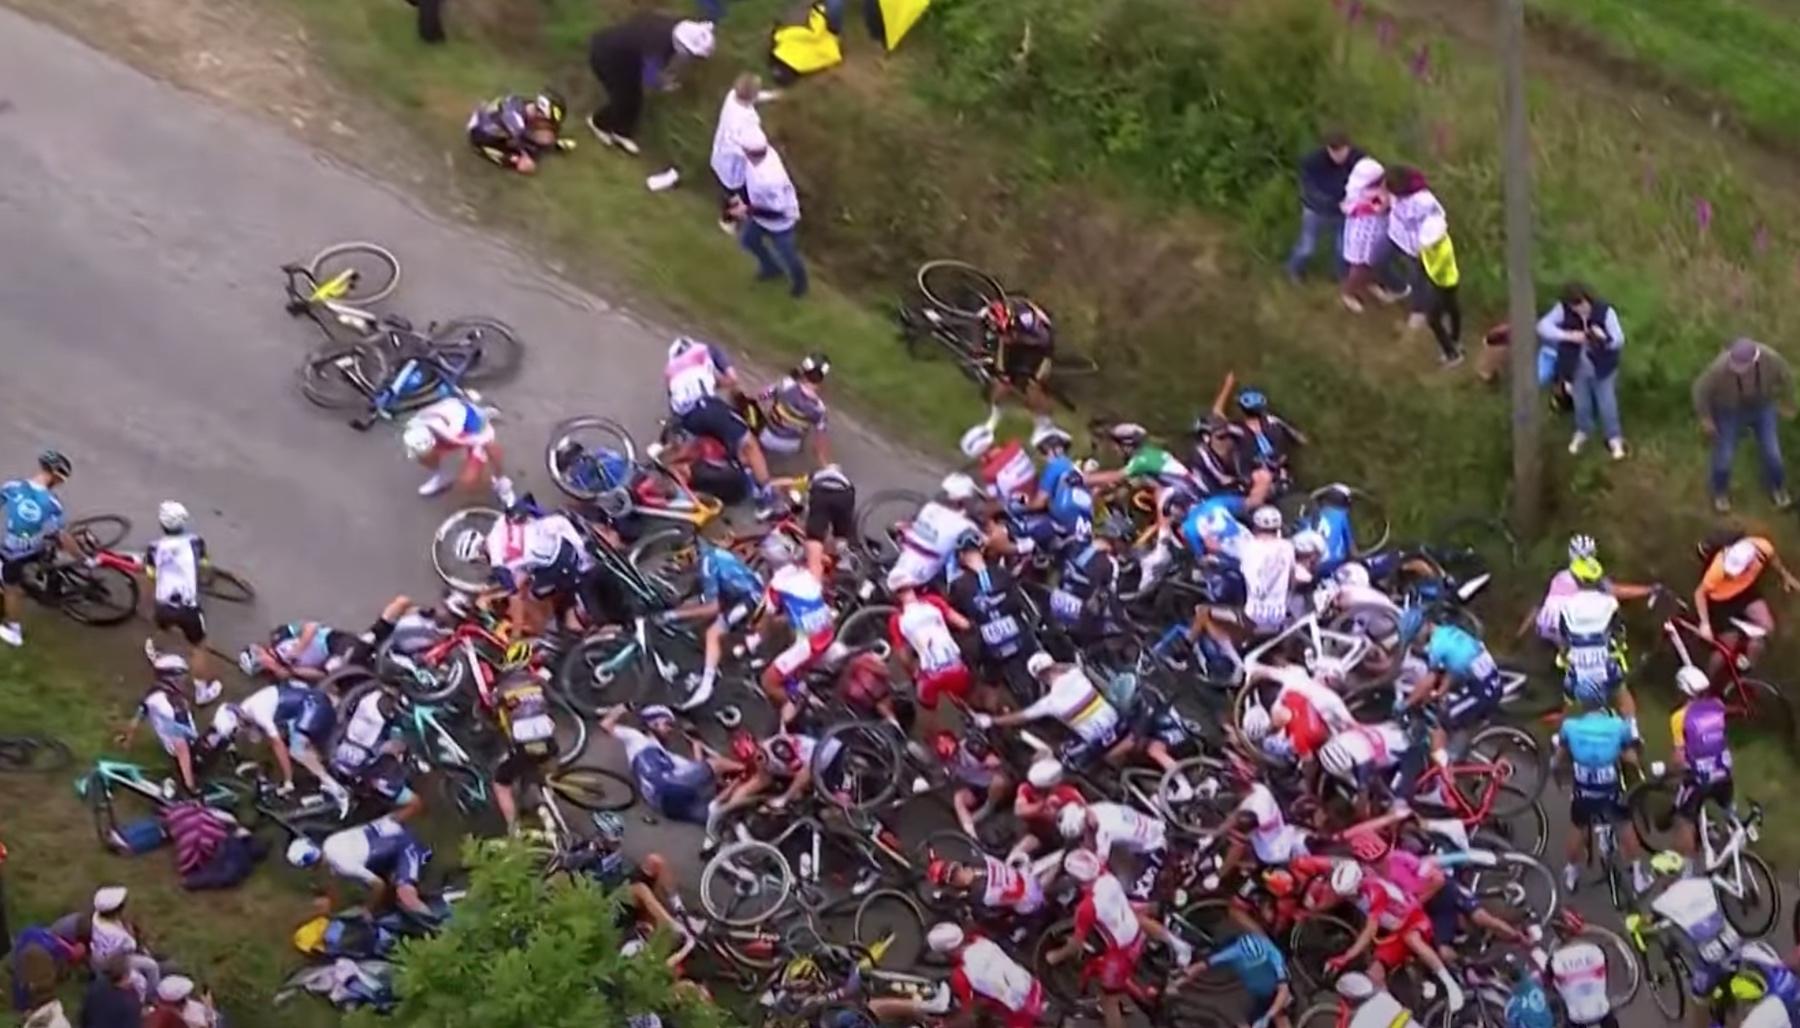 ASO reicht Beschwerde gegen Zuschauer ein, der auf der Eröffnungsphase der Tour einen Unfall verursacht hat